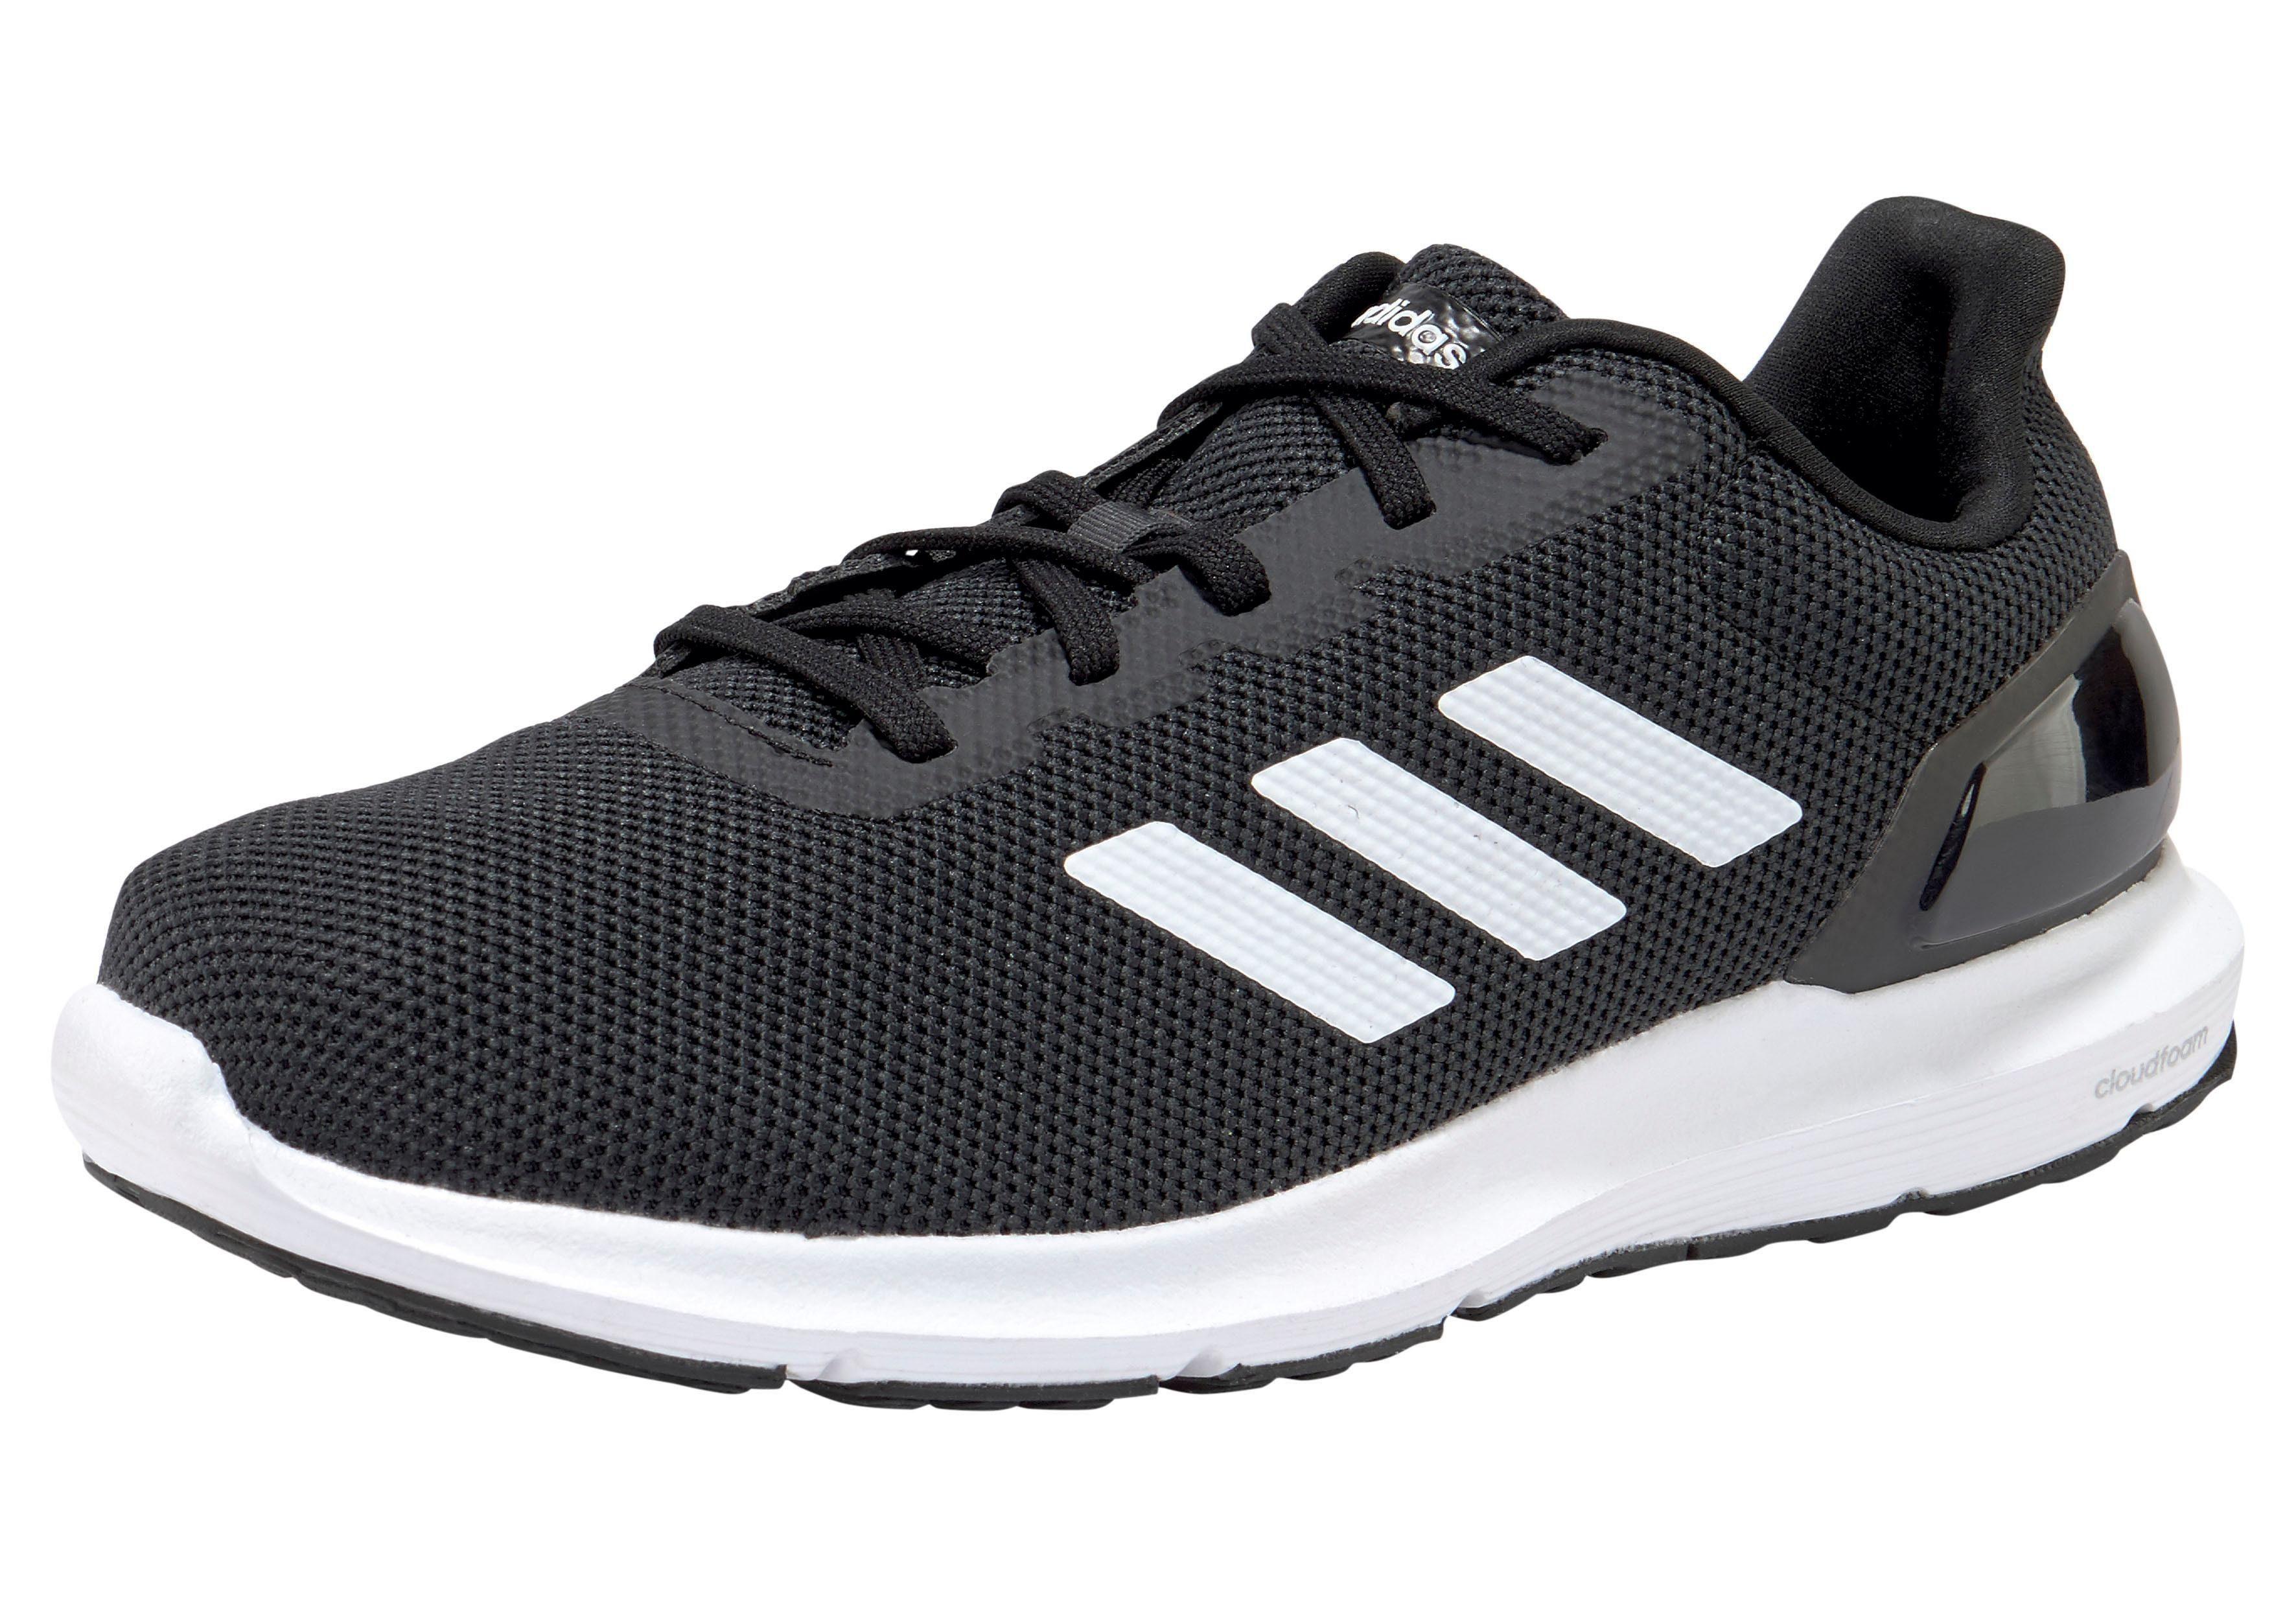 adidas »COSMIC 2 M1« Laufschuh, Leichter Laufschuh von adidas CORE SPORT online kaufen | OTTO